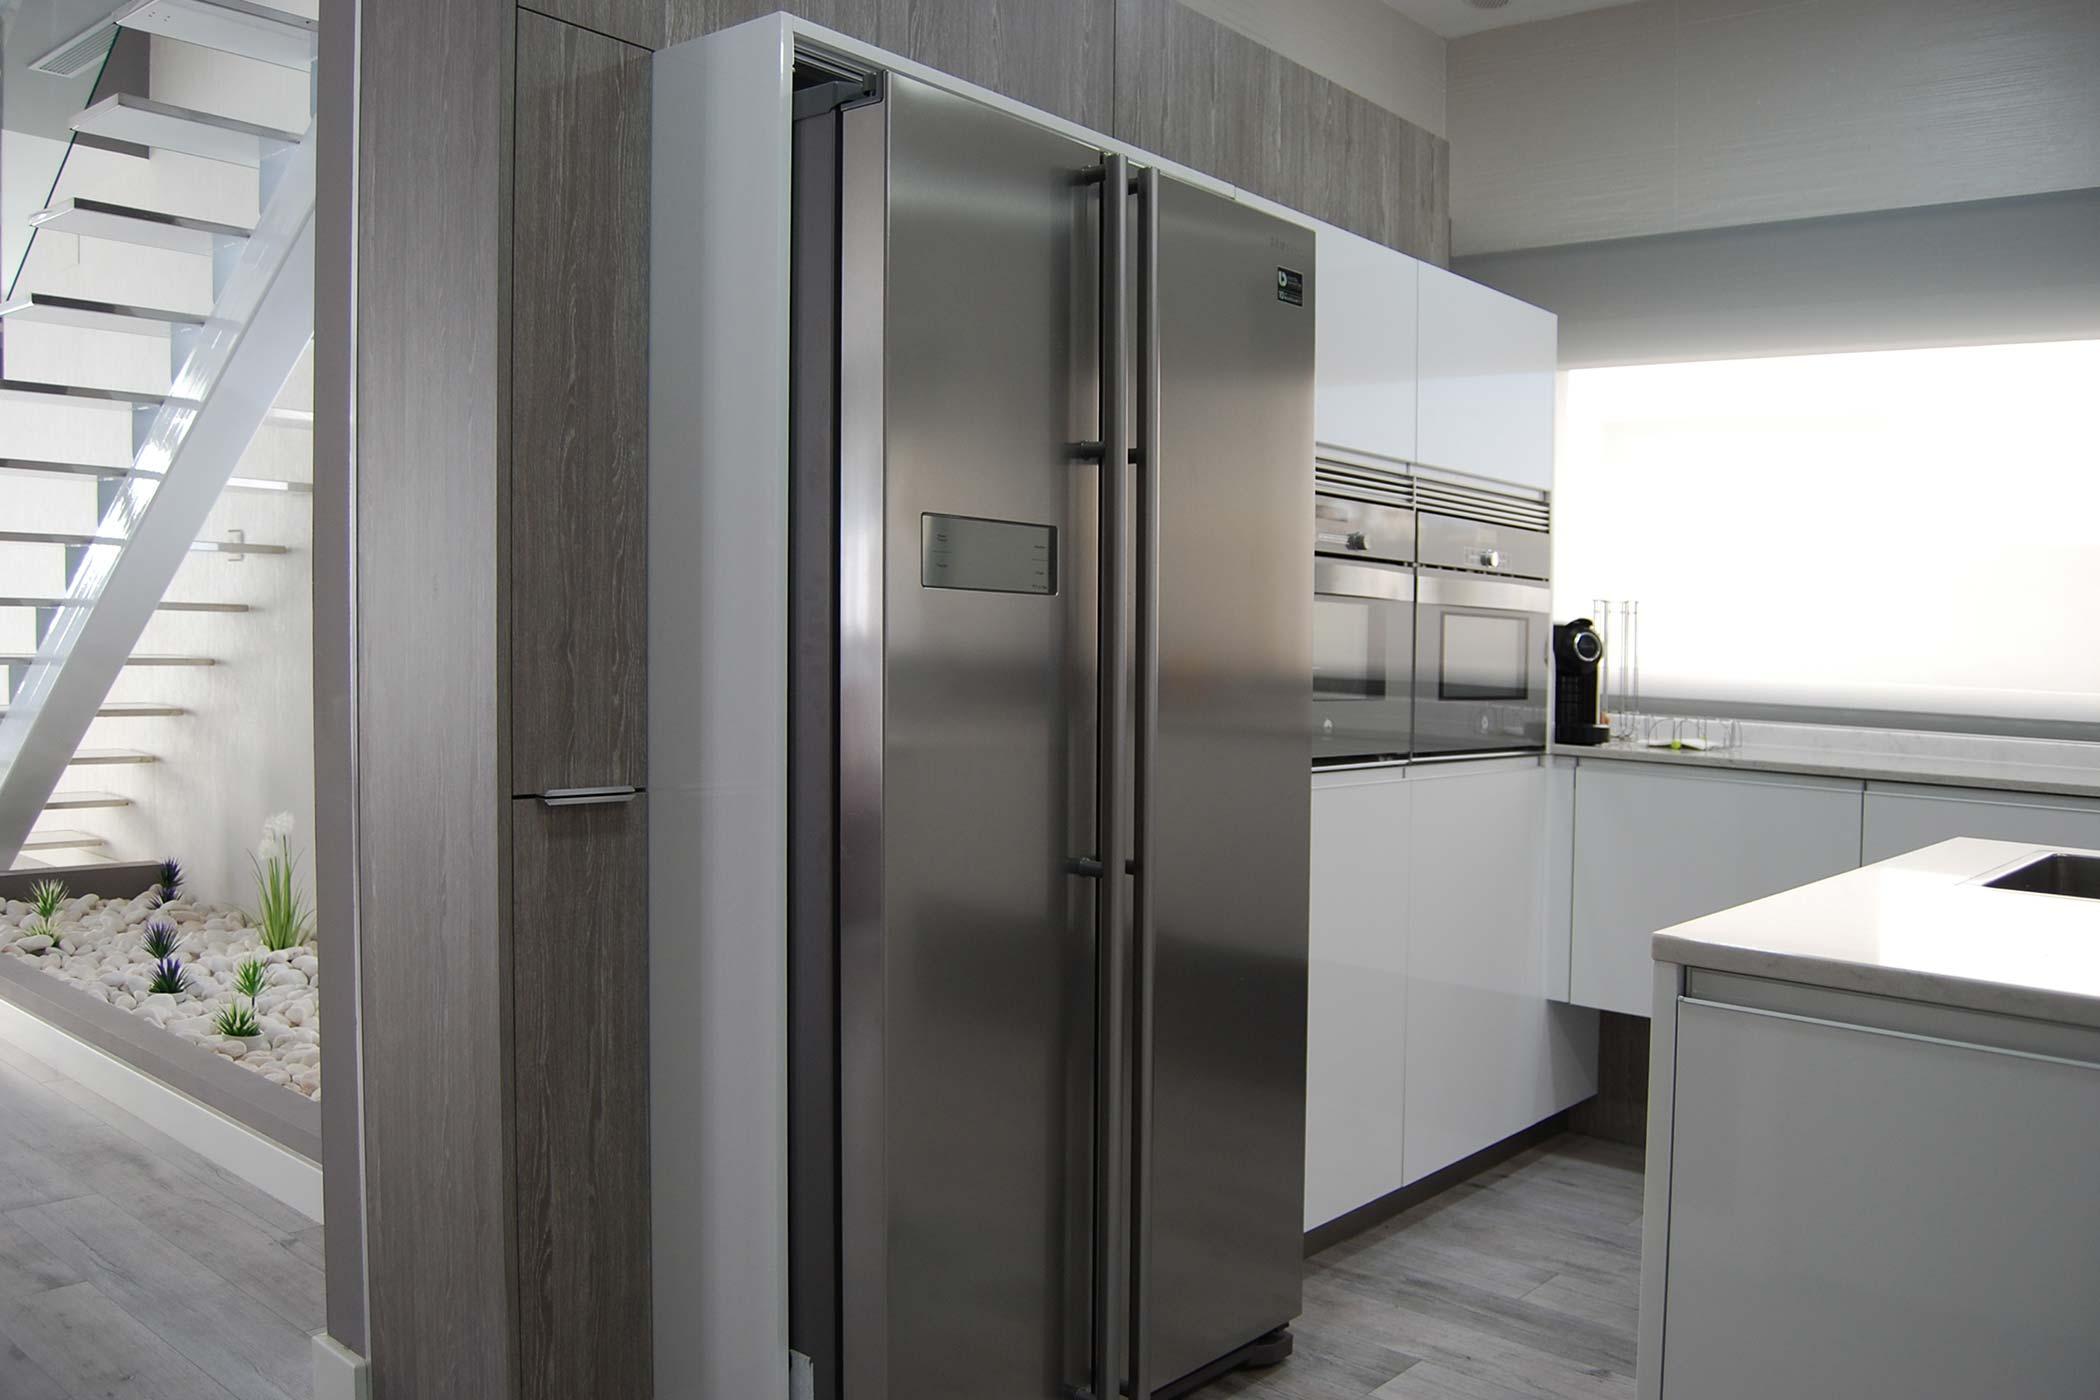 Cocina en color blanco con electrodomésticos en inox. El color blanco es la opción más elegida para la cocina.